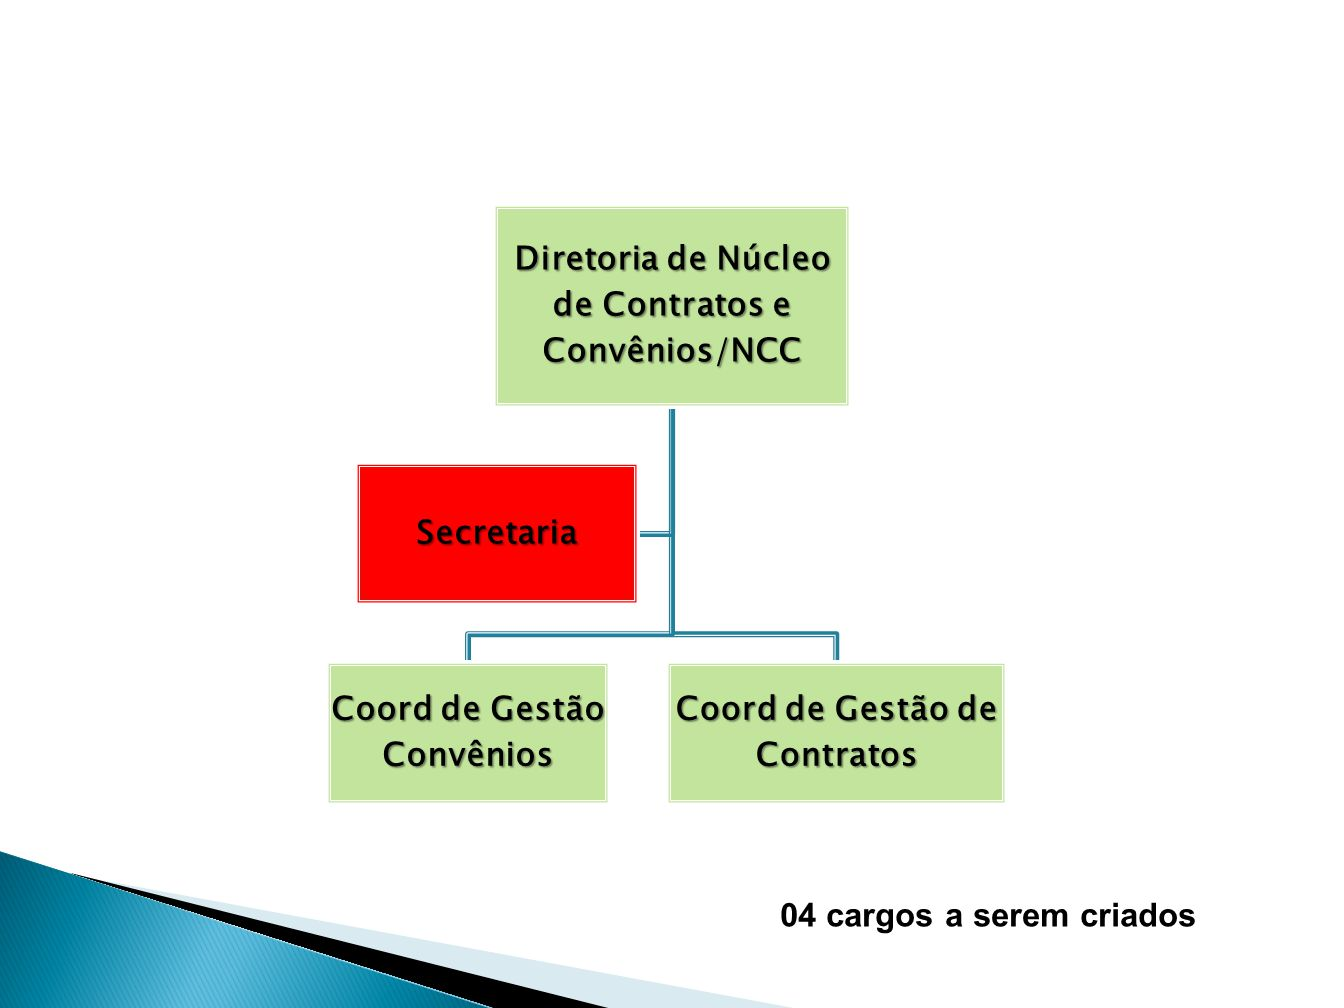 Diretoria de Núcleo de Contratos e Convênios/NCC